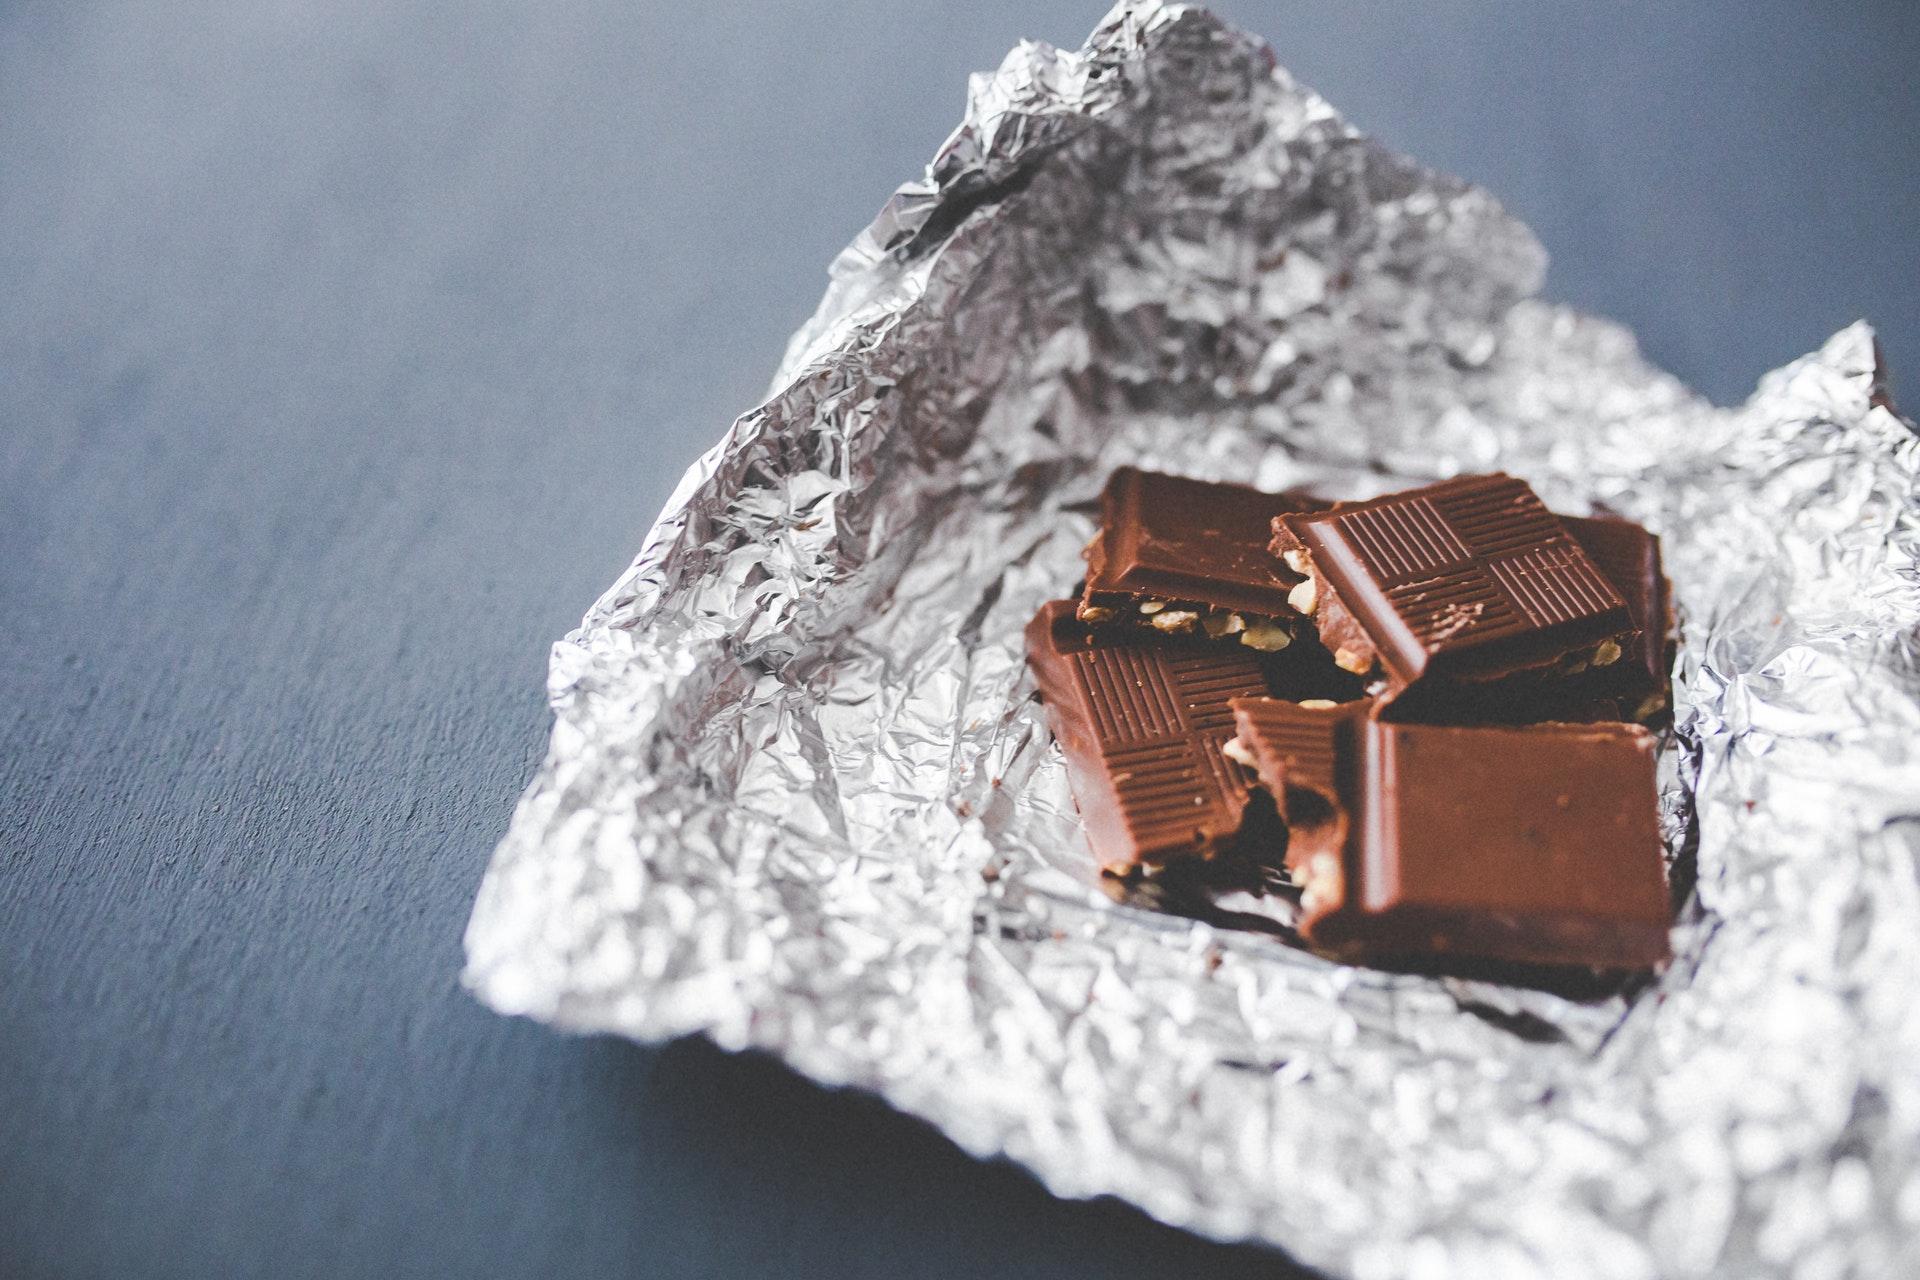 Vemos alguns pedaços de chocolate sobre papel alumínio (imagem ilustrativa). Texto: franquia Kopenhagen.